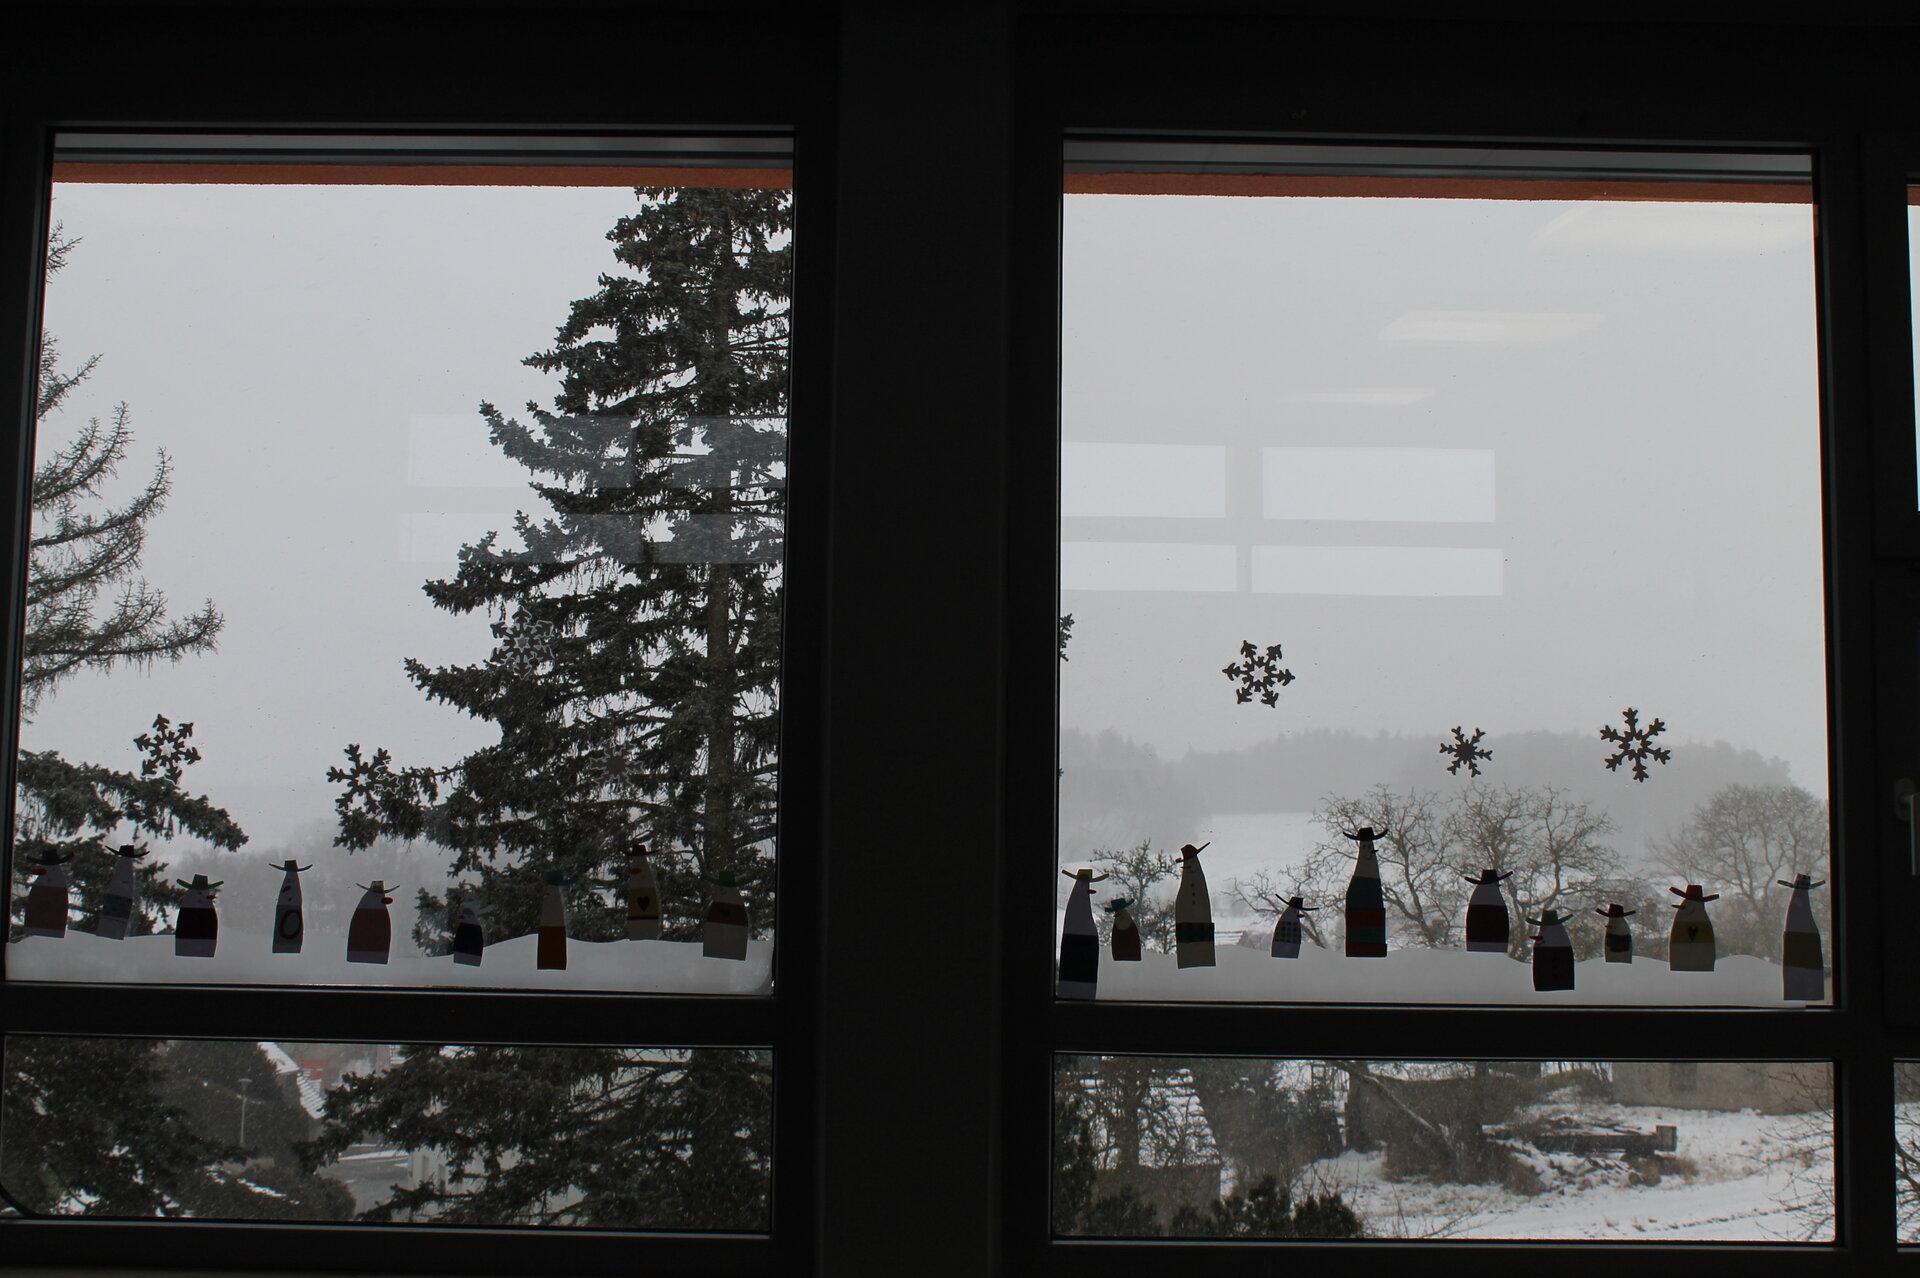 Winterlich8